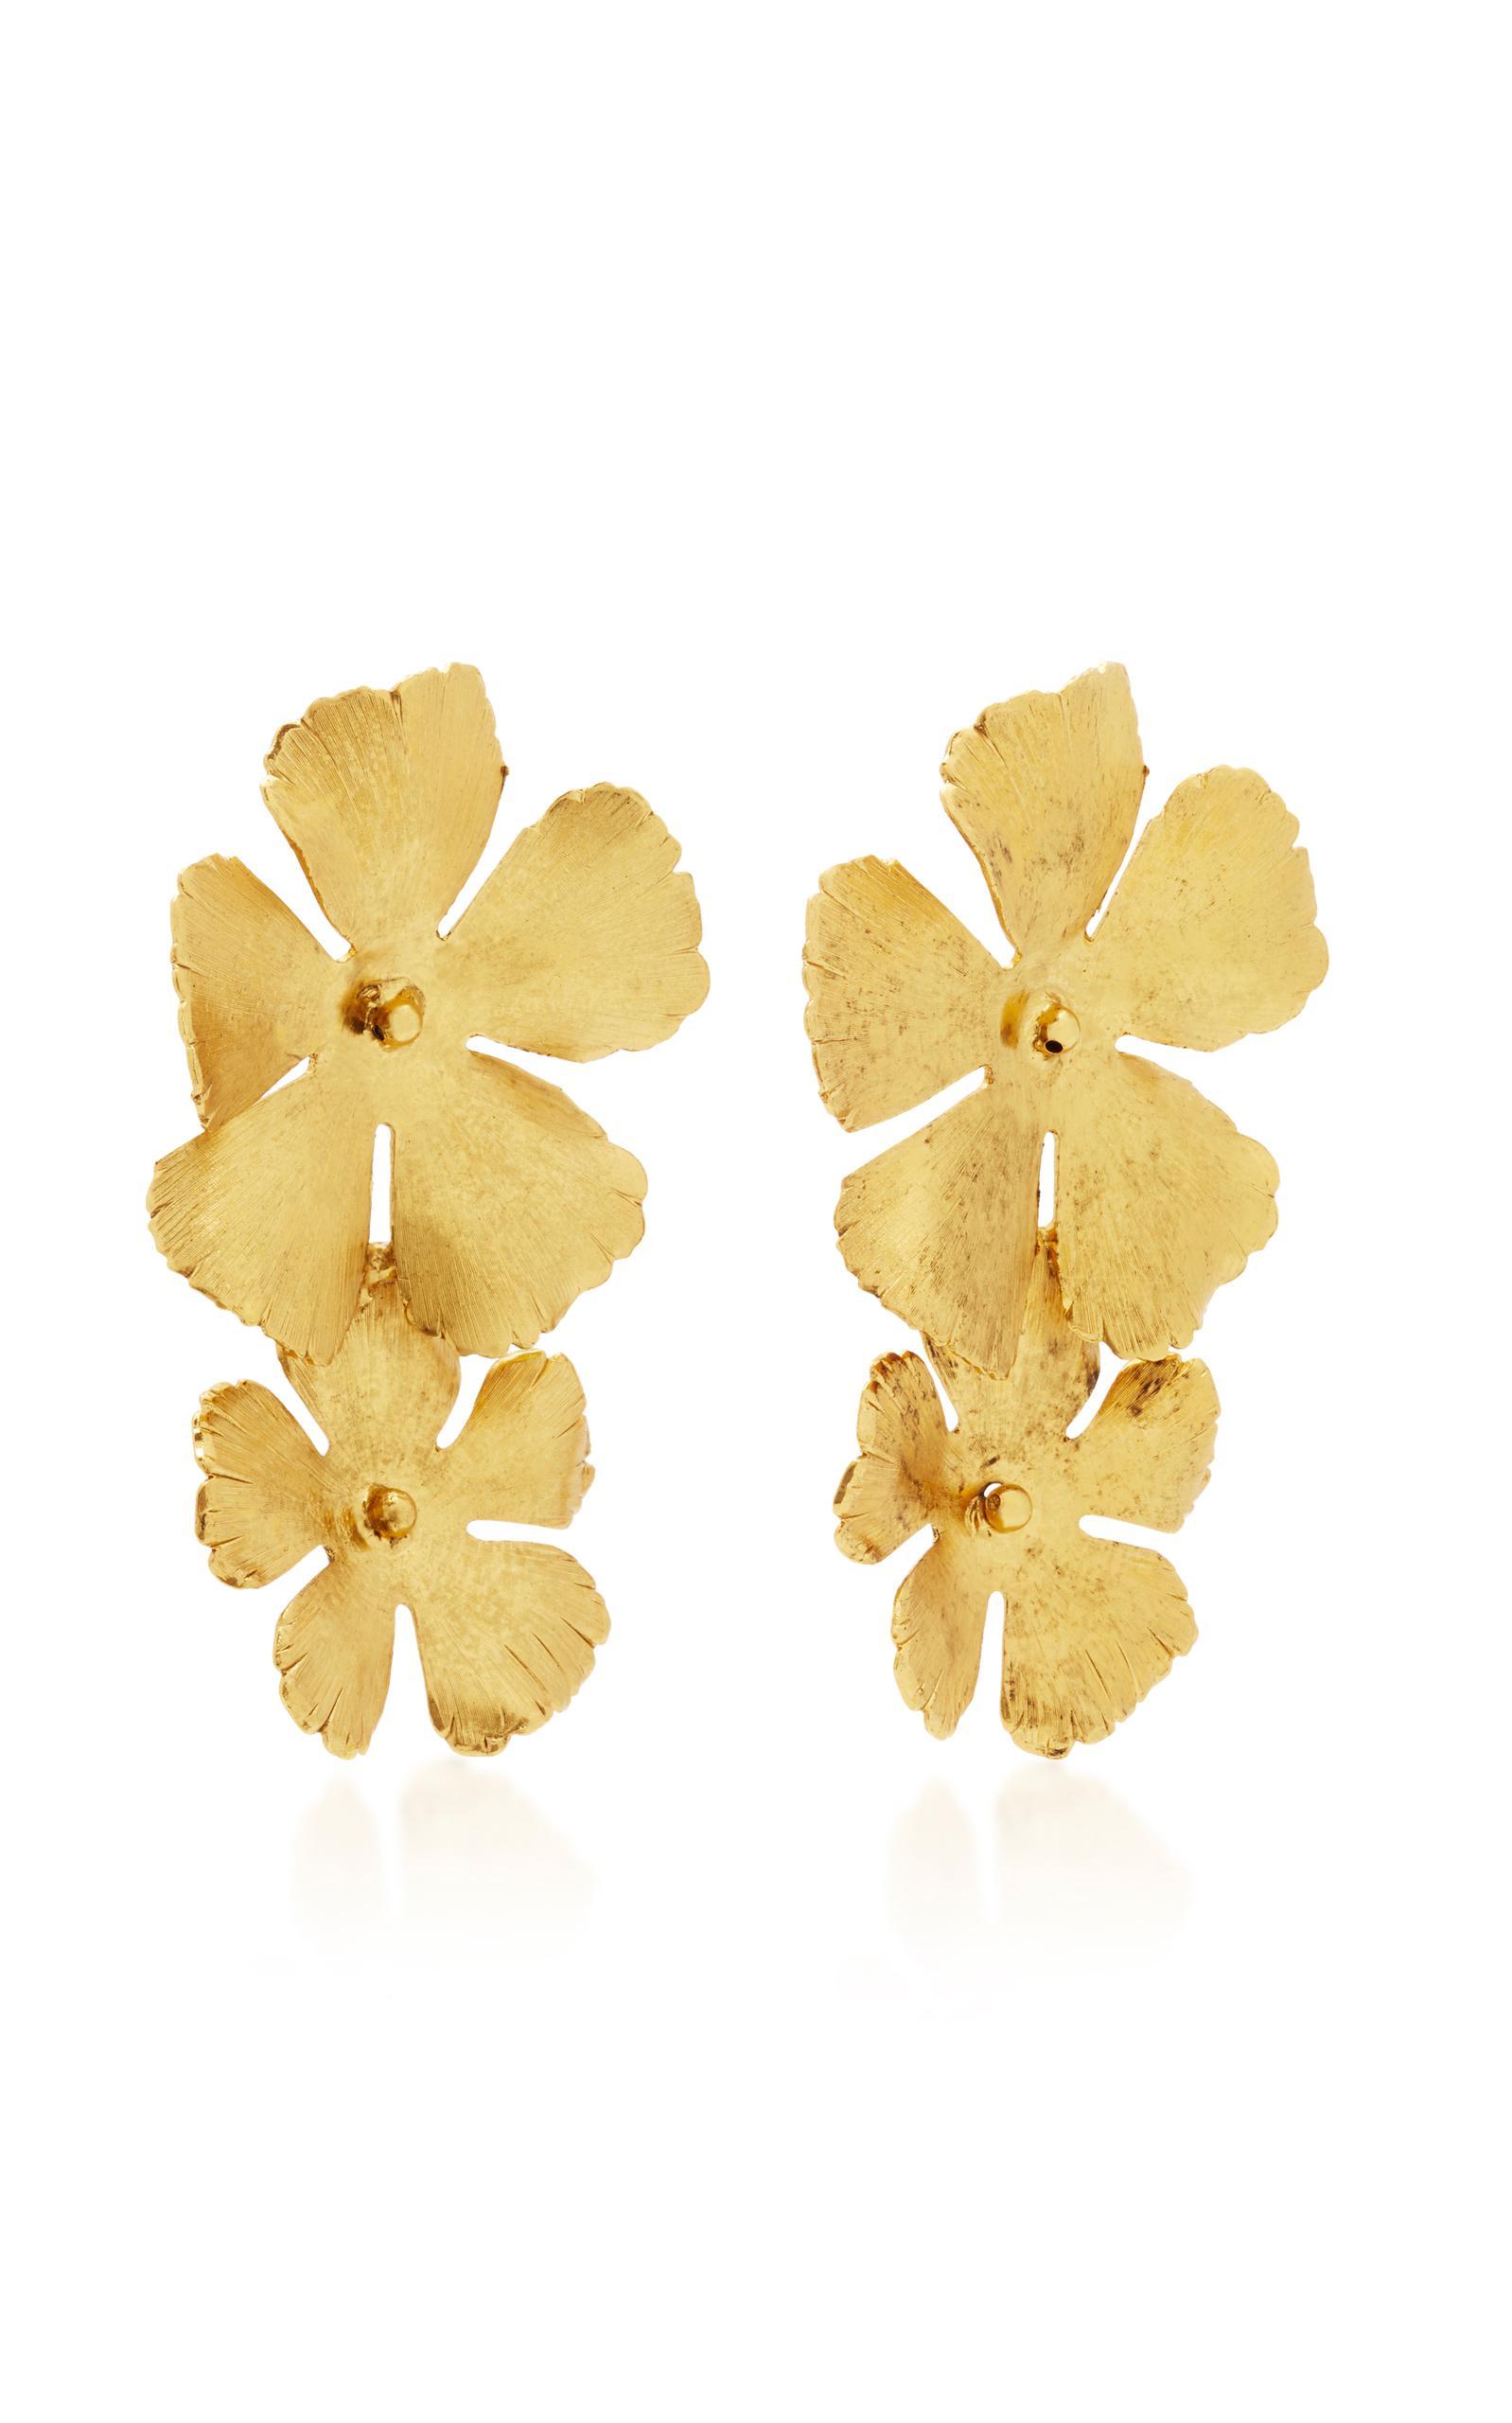 Jennifer Behr Chloe Statement Flower Earrings LGY8J